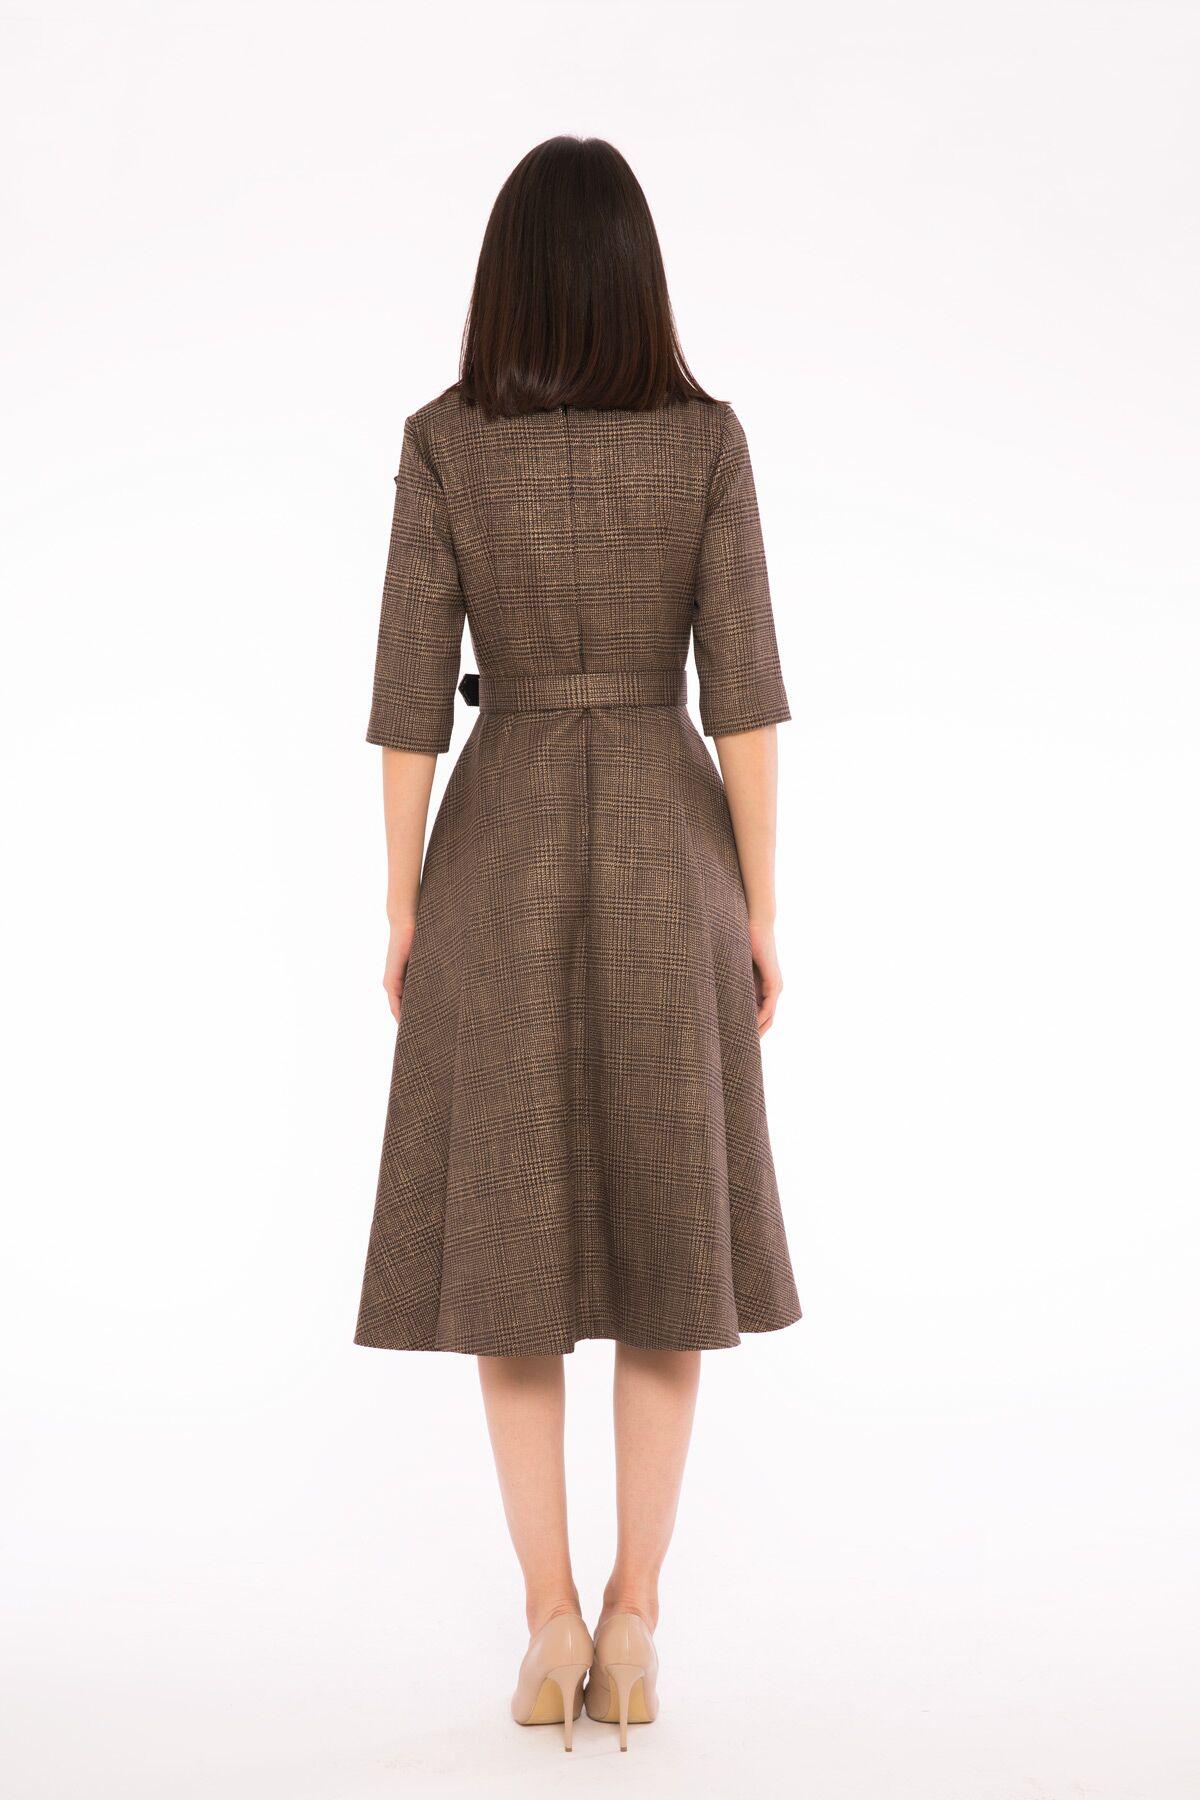 Kemer Detaylı Metalik Ekose Kumaş Flare Etek Midi Elbise